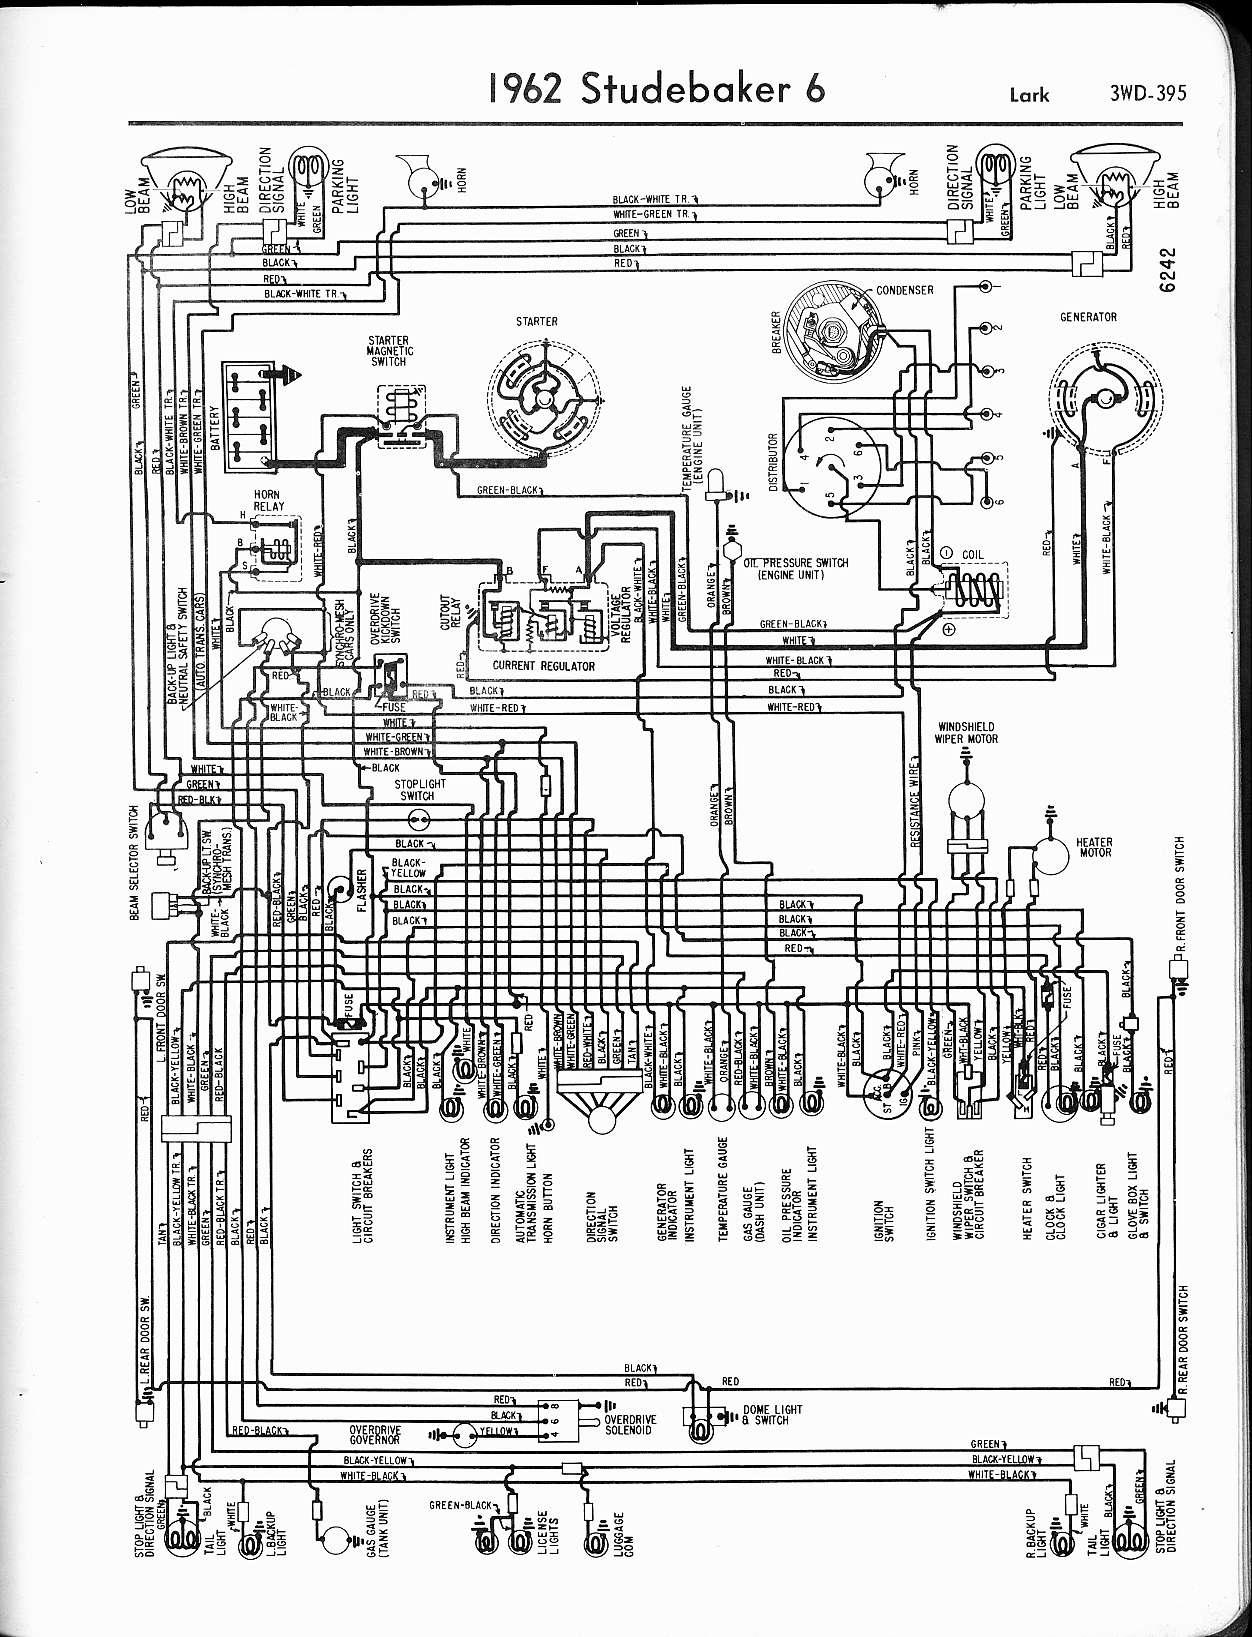 wiring diagram for 1962 studebaker v8 hawk